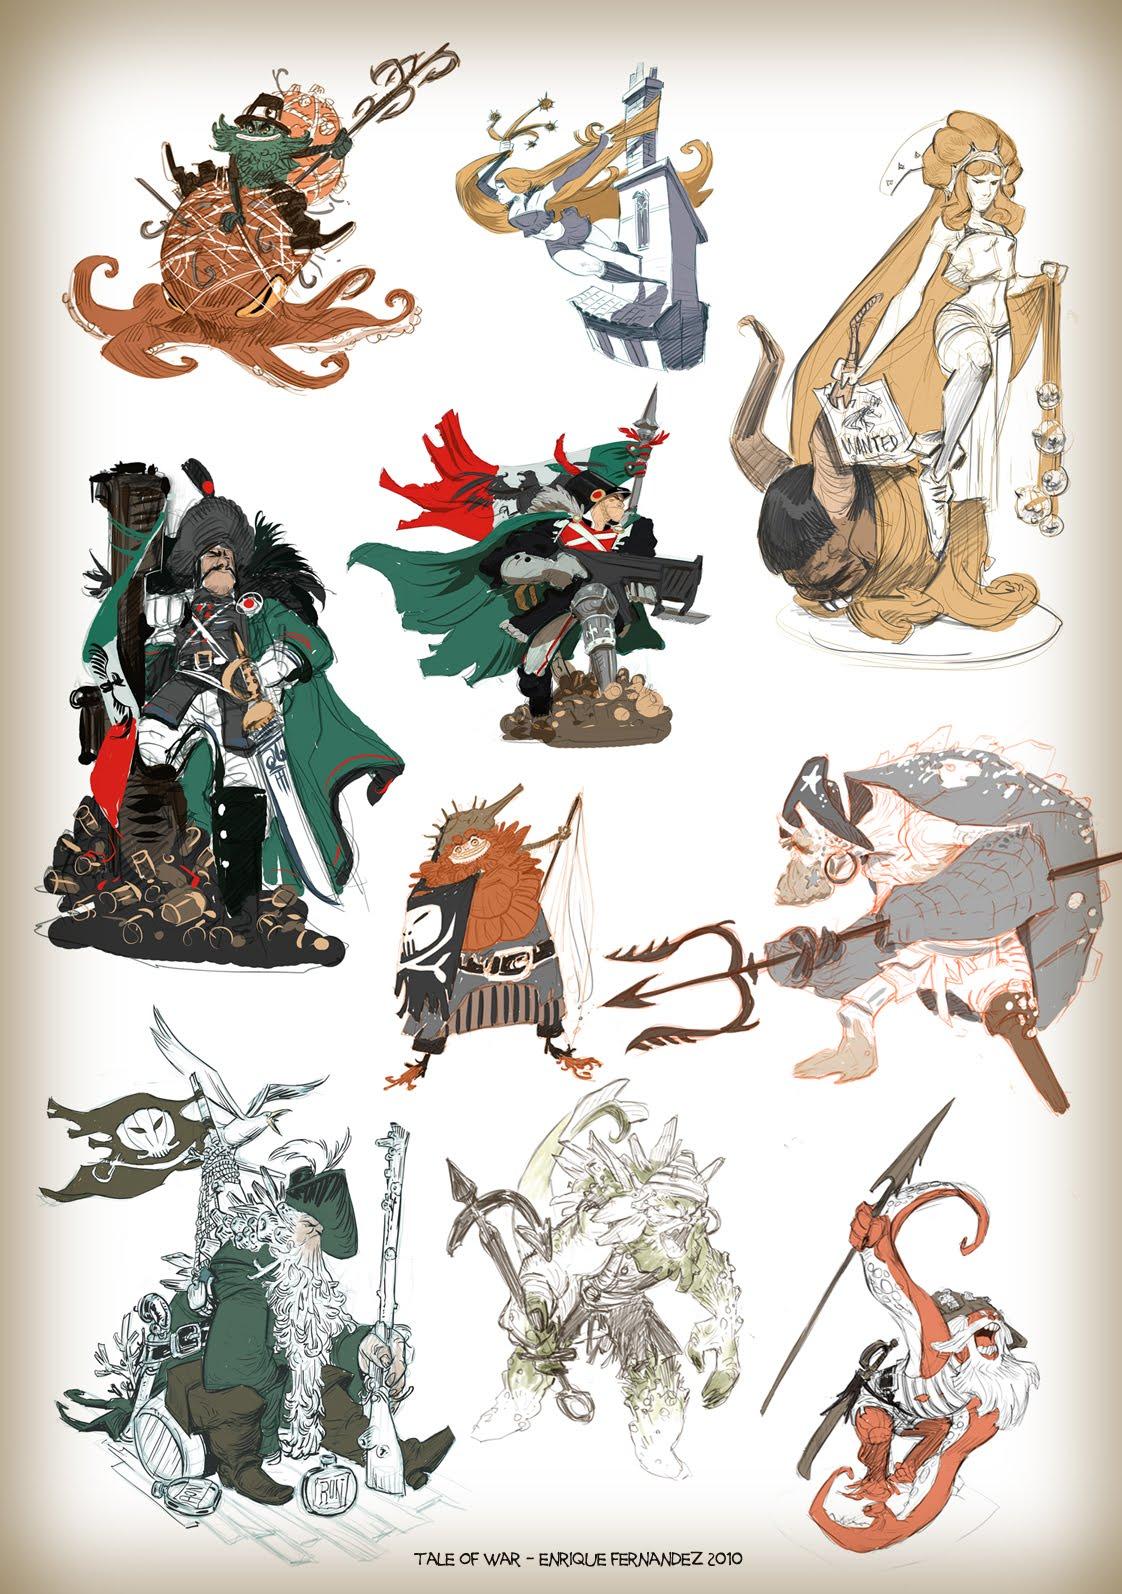 [bank] Les artistes que vous adorez - Page 3 Talesboc